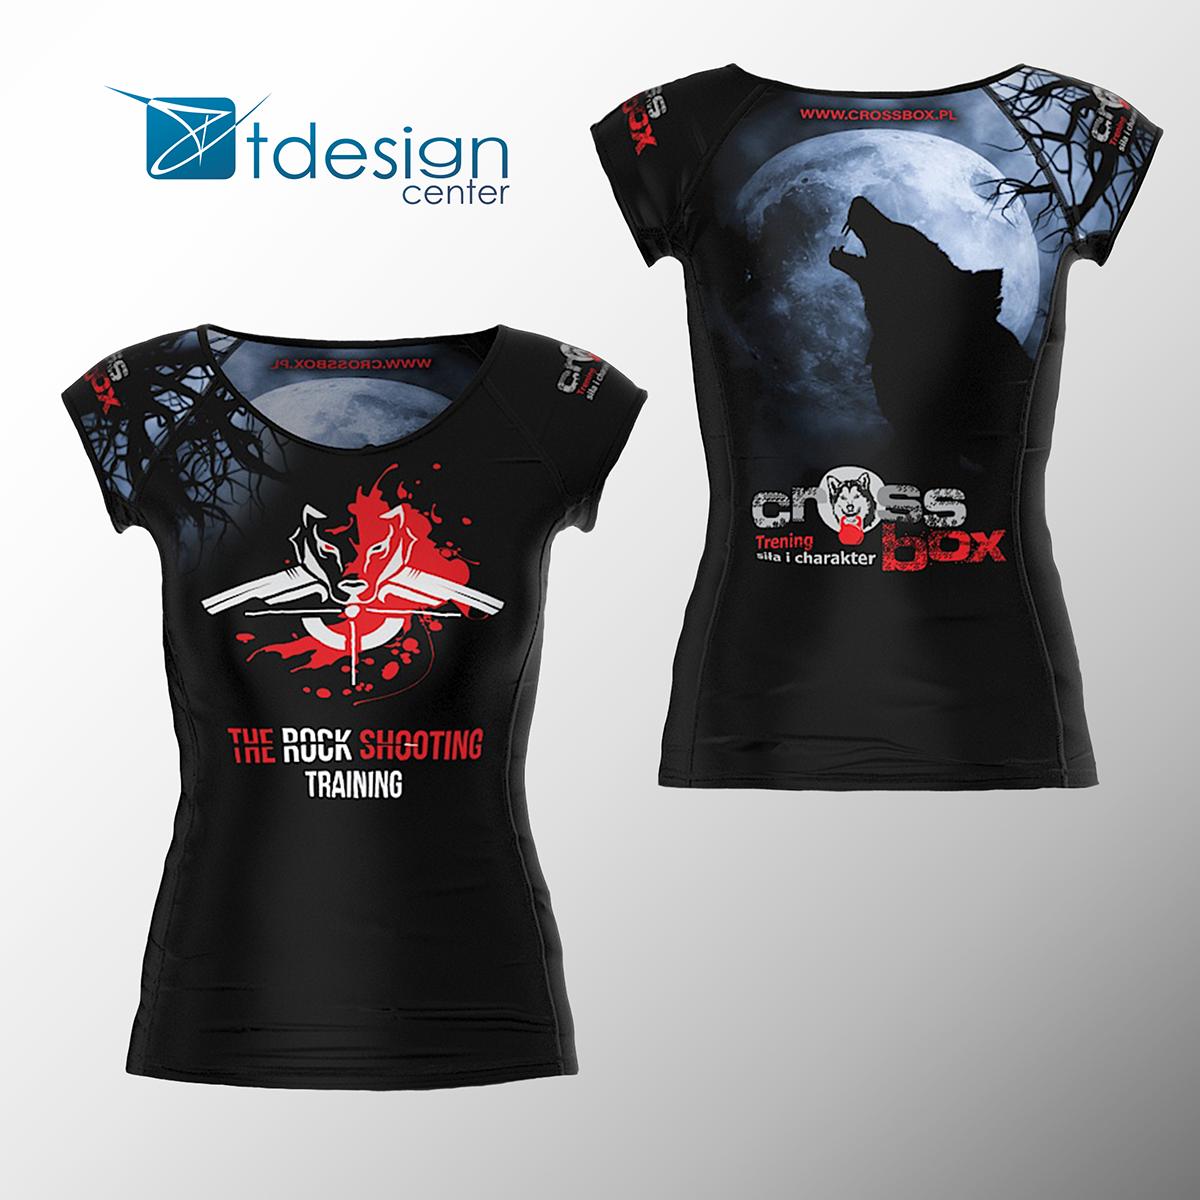 Koszulka treningowa damska, nadruk na 100% materiału - projekt + realizacja dla Cross Box GORLICE